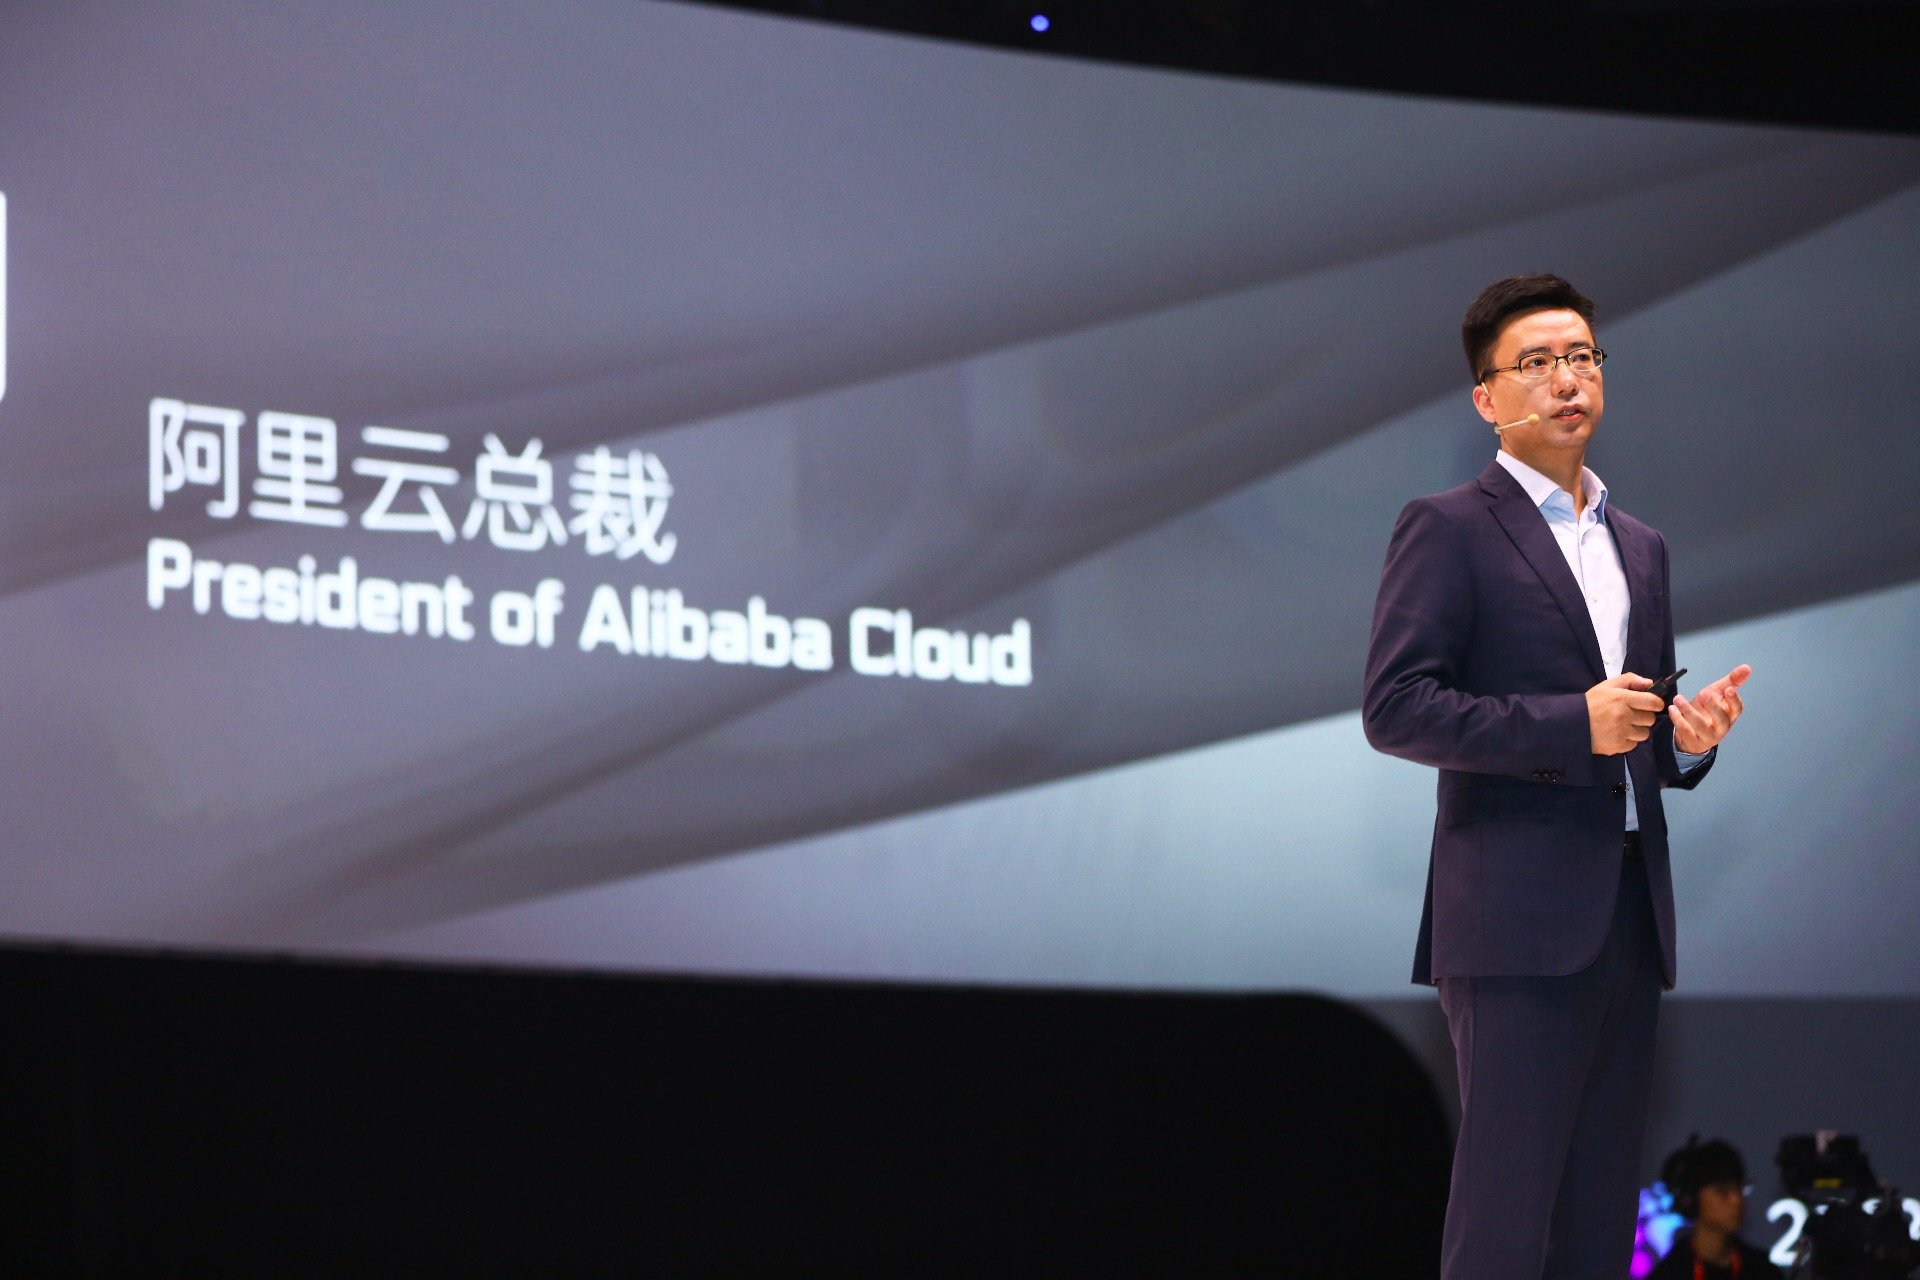 阿里云总裁胡晓明:云计算正在改变生产方式